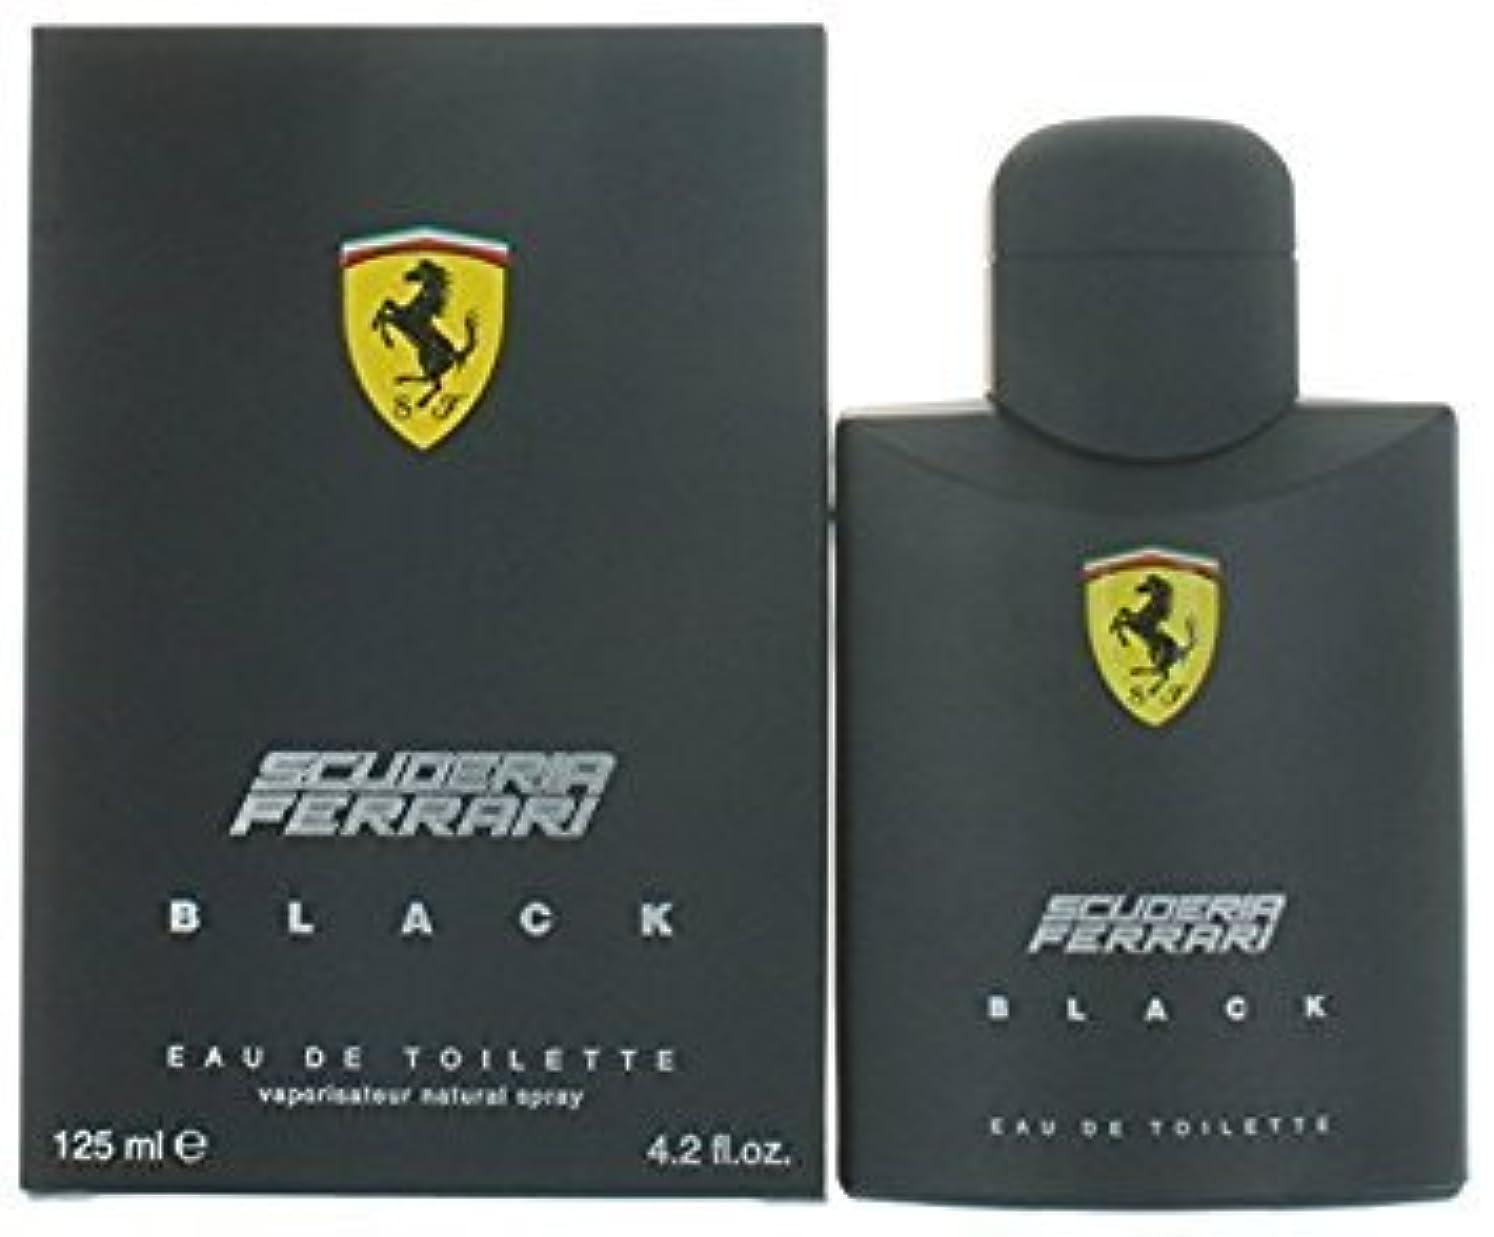 蓋見出しどれでもFERRARI フェラーリ フェラーリブラック 125ml メンズ 香水 (並行輸入品)